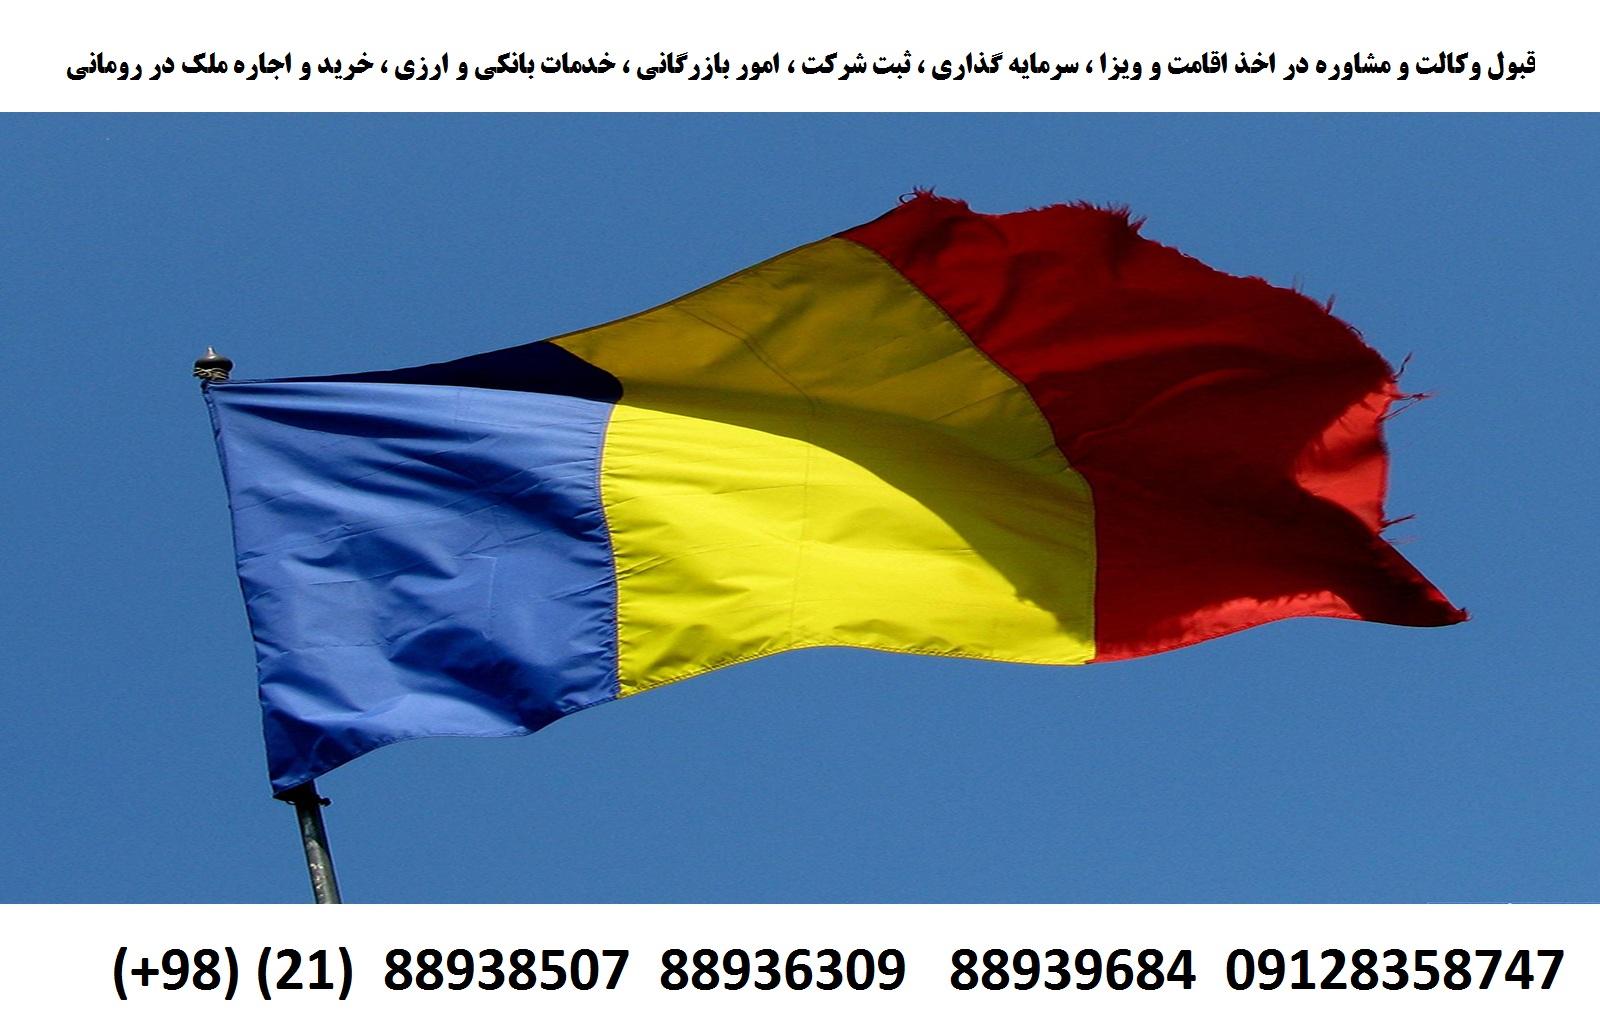 اقامت ، اخذ ویزا ، ثبت شرکت ، سرمایه گذاری در رومانی (1)